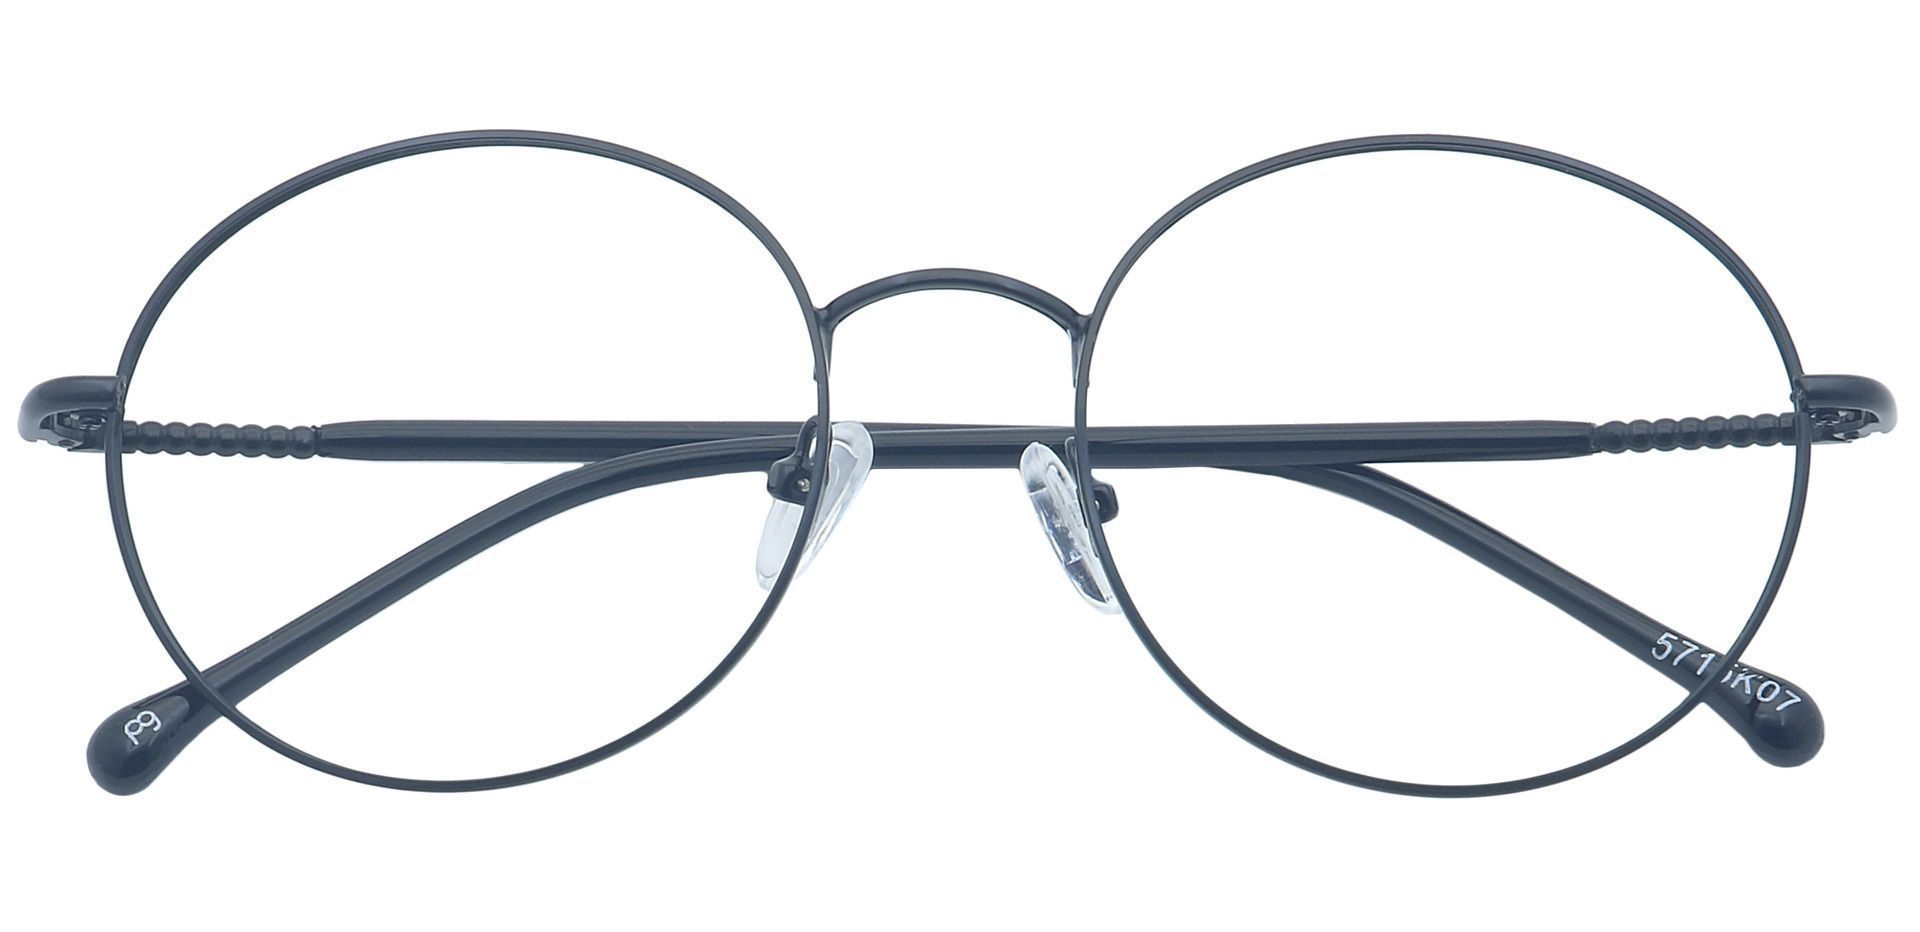 Tien Round Prescription Glasses - Black